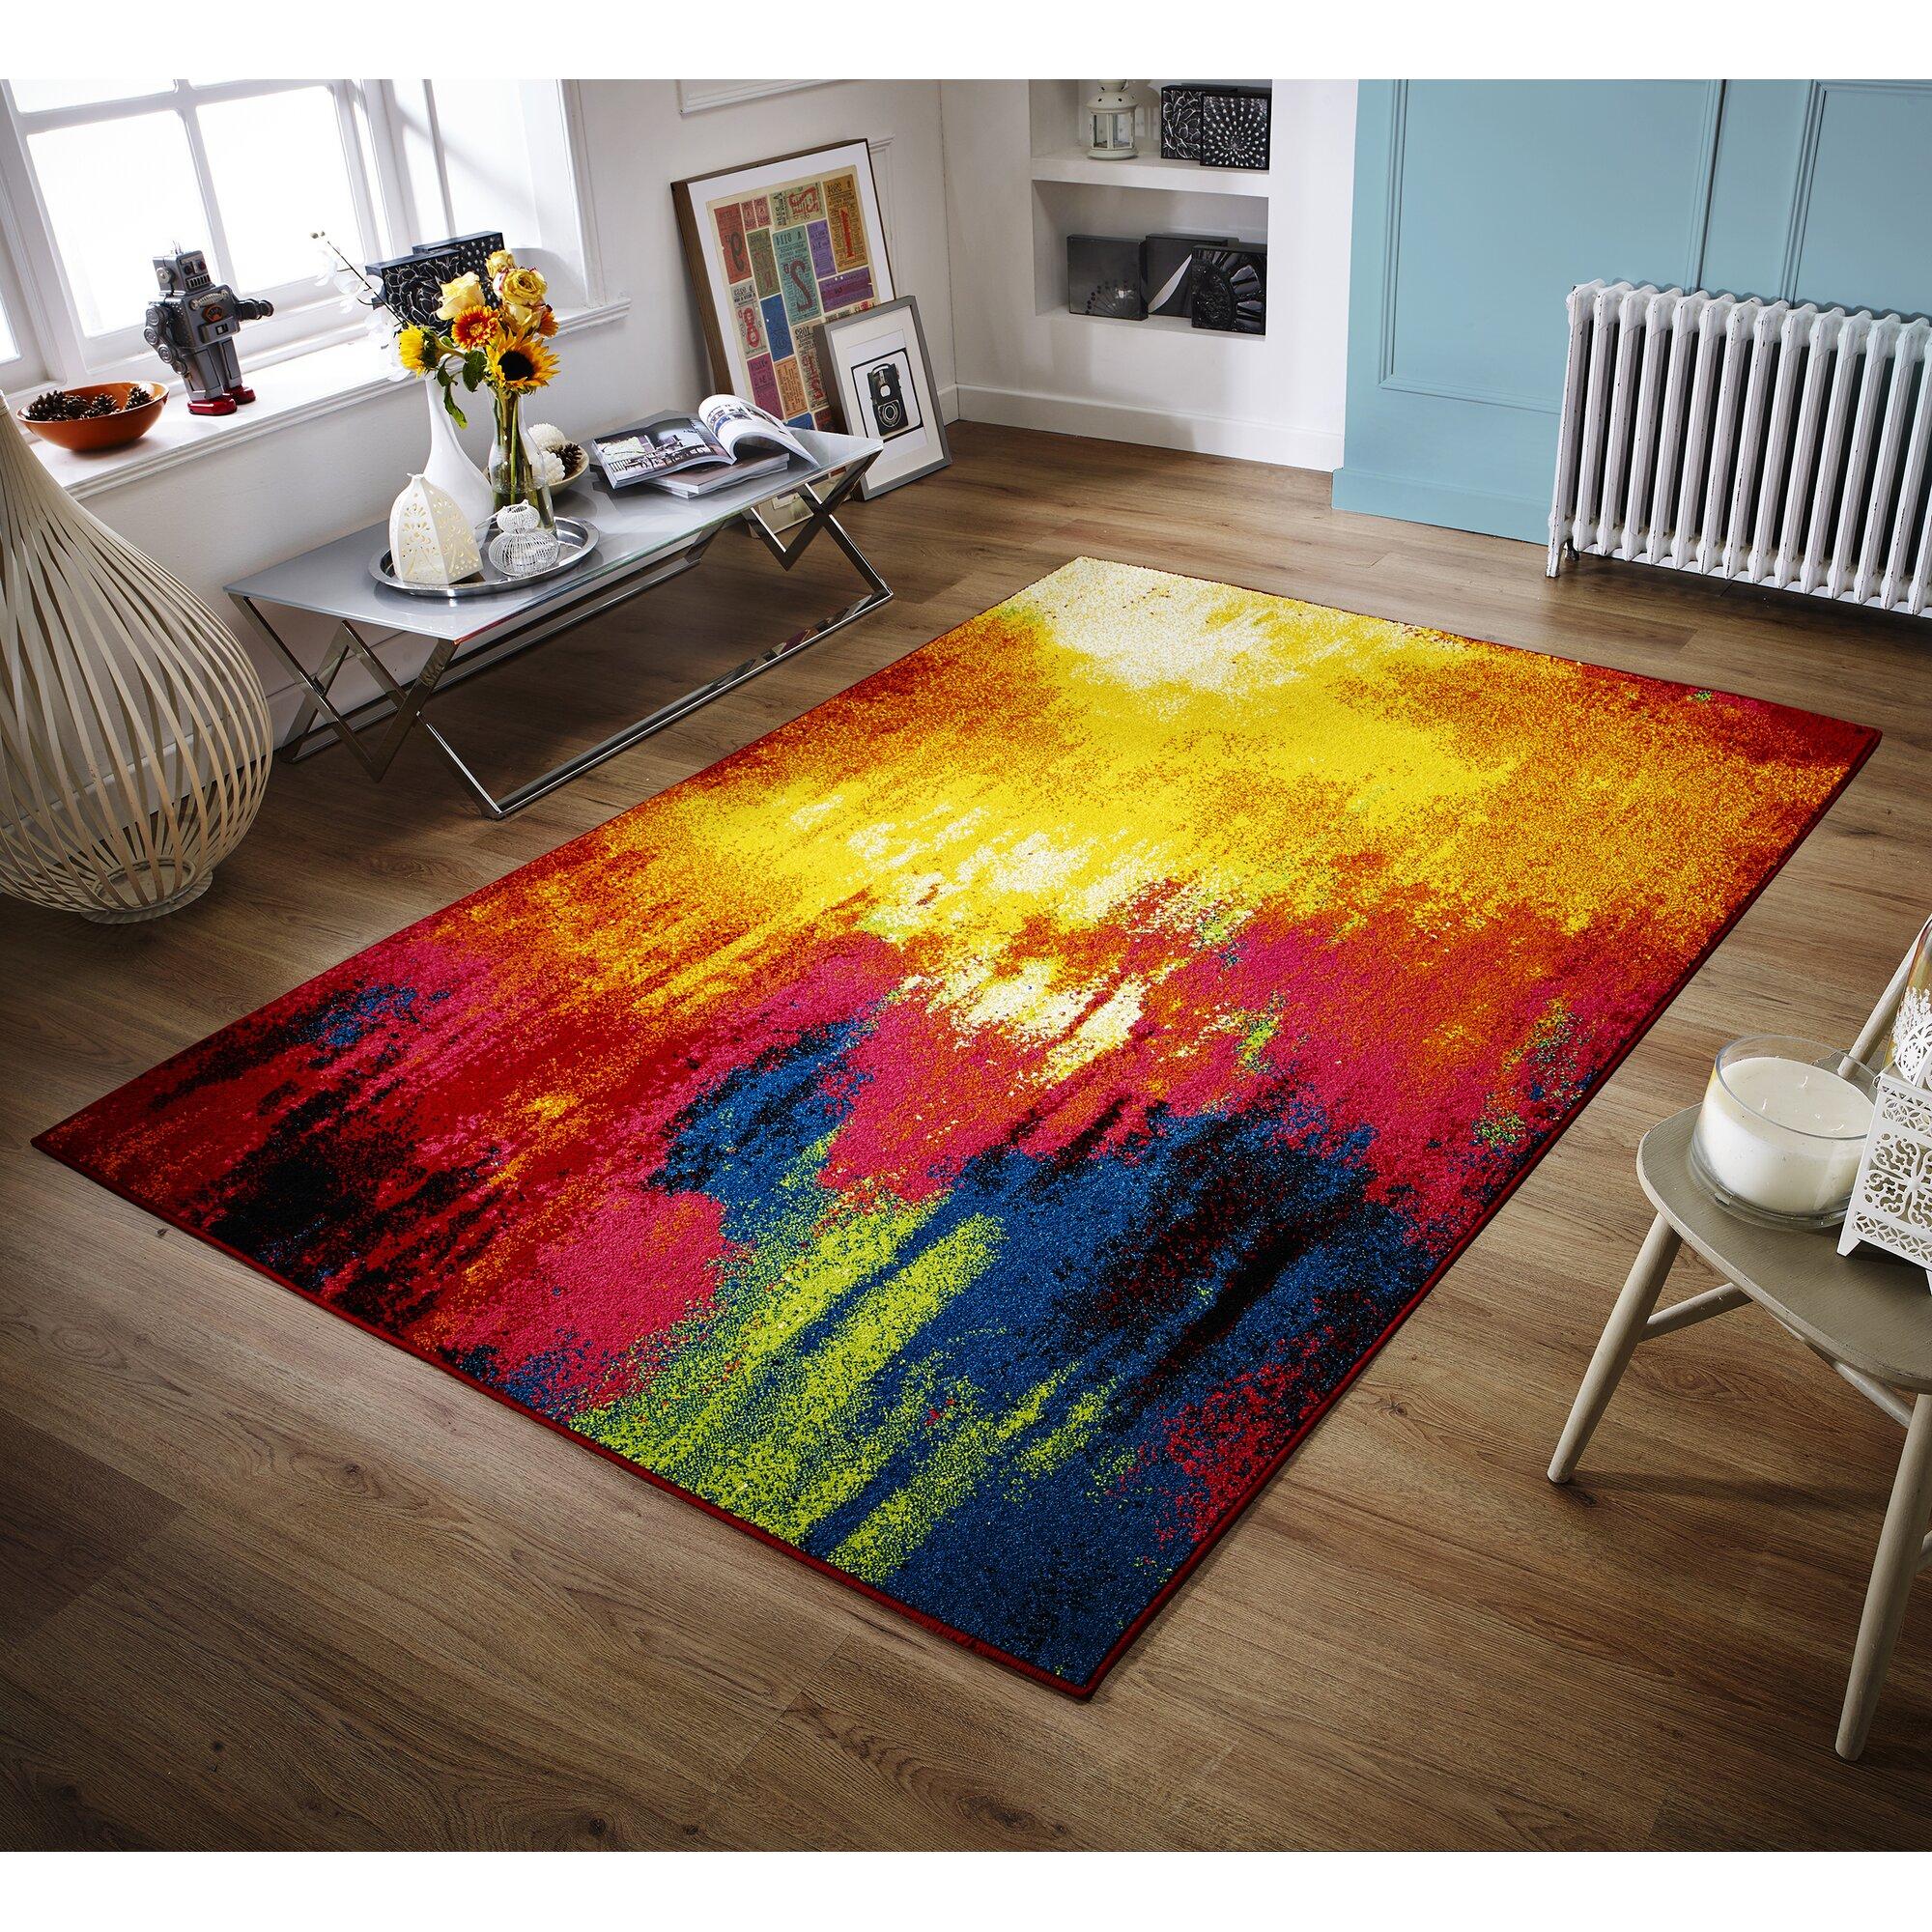 caracella teppich cuba in blau rot bewertungen. Black Bedroom Furniture Sets. Home Design Ideas